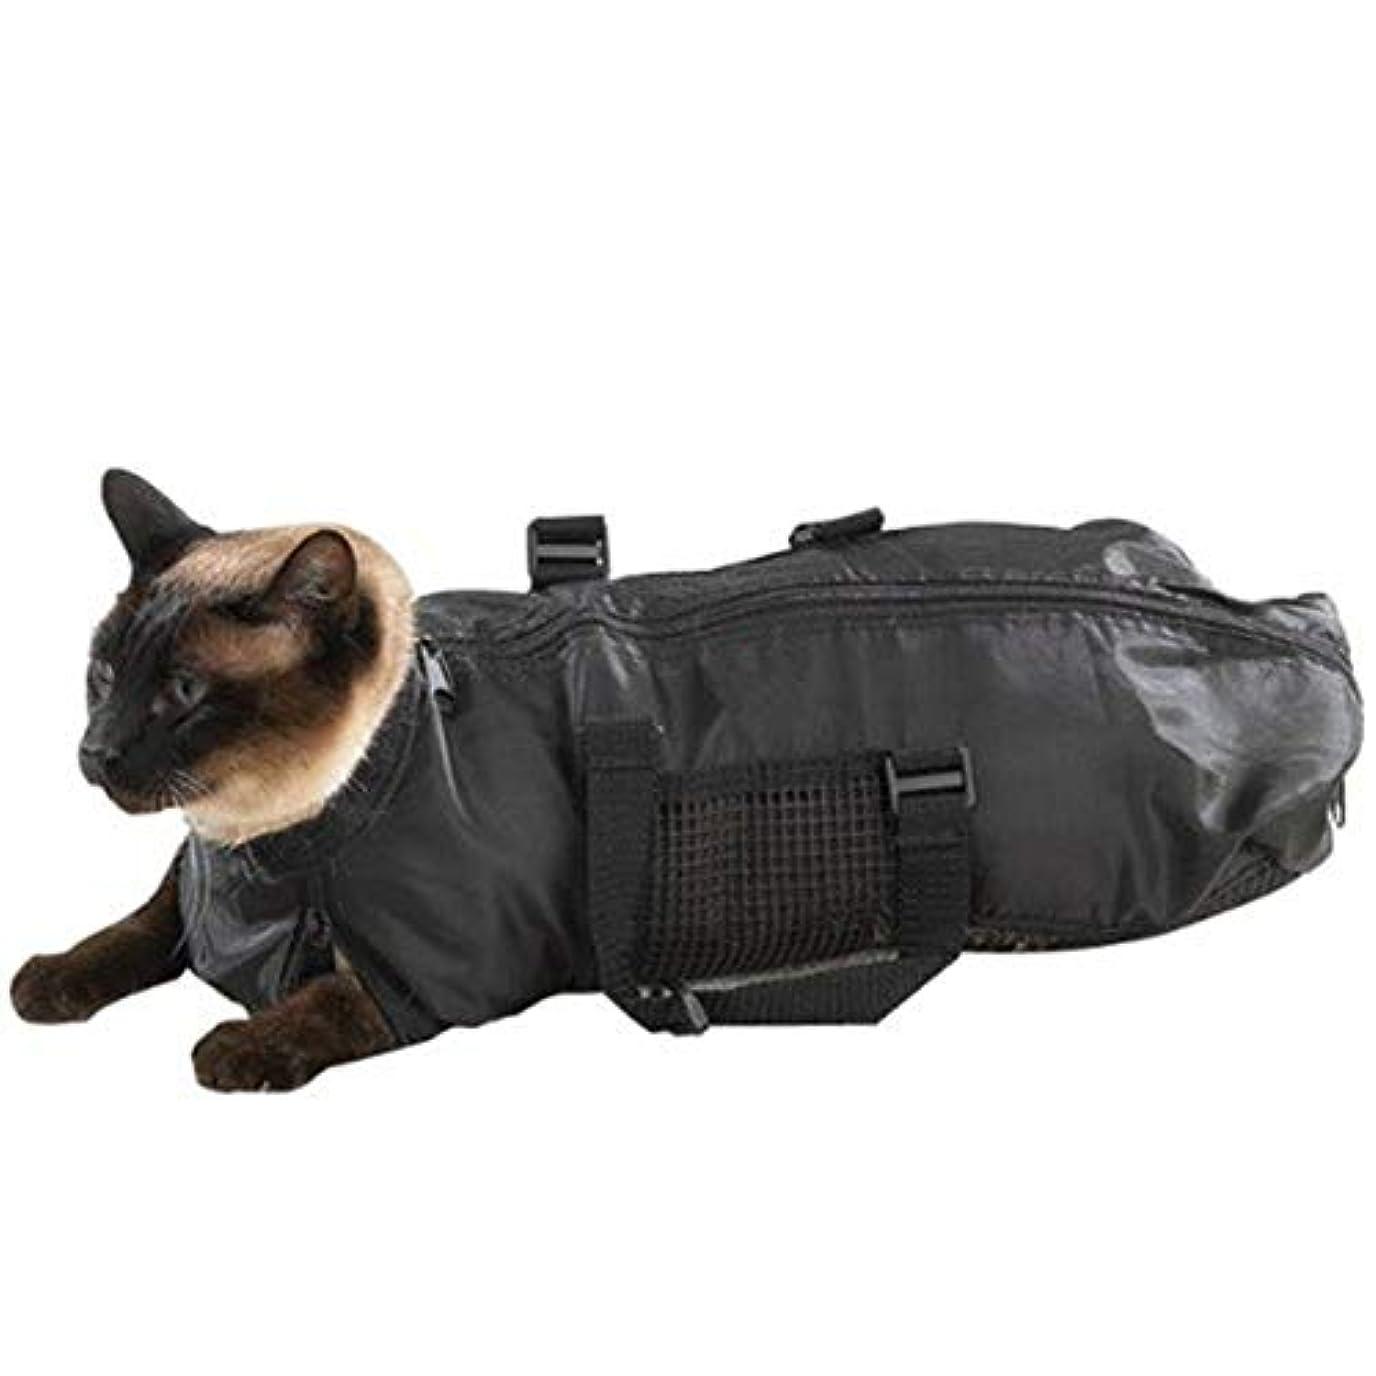 貸し手埋め込む過去Saikogoods ネイルクリッピングお風呂のための猫グルーミングバッグ 耐久性に優れ ノースクラッチ 噛み拘束 多彩なバッグ ペットサプライ 黒